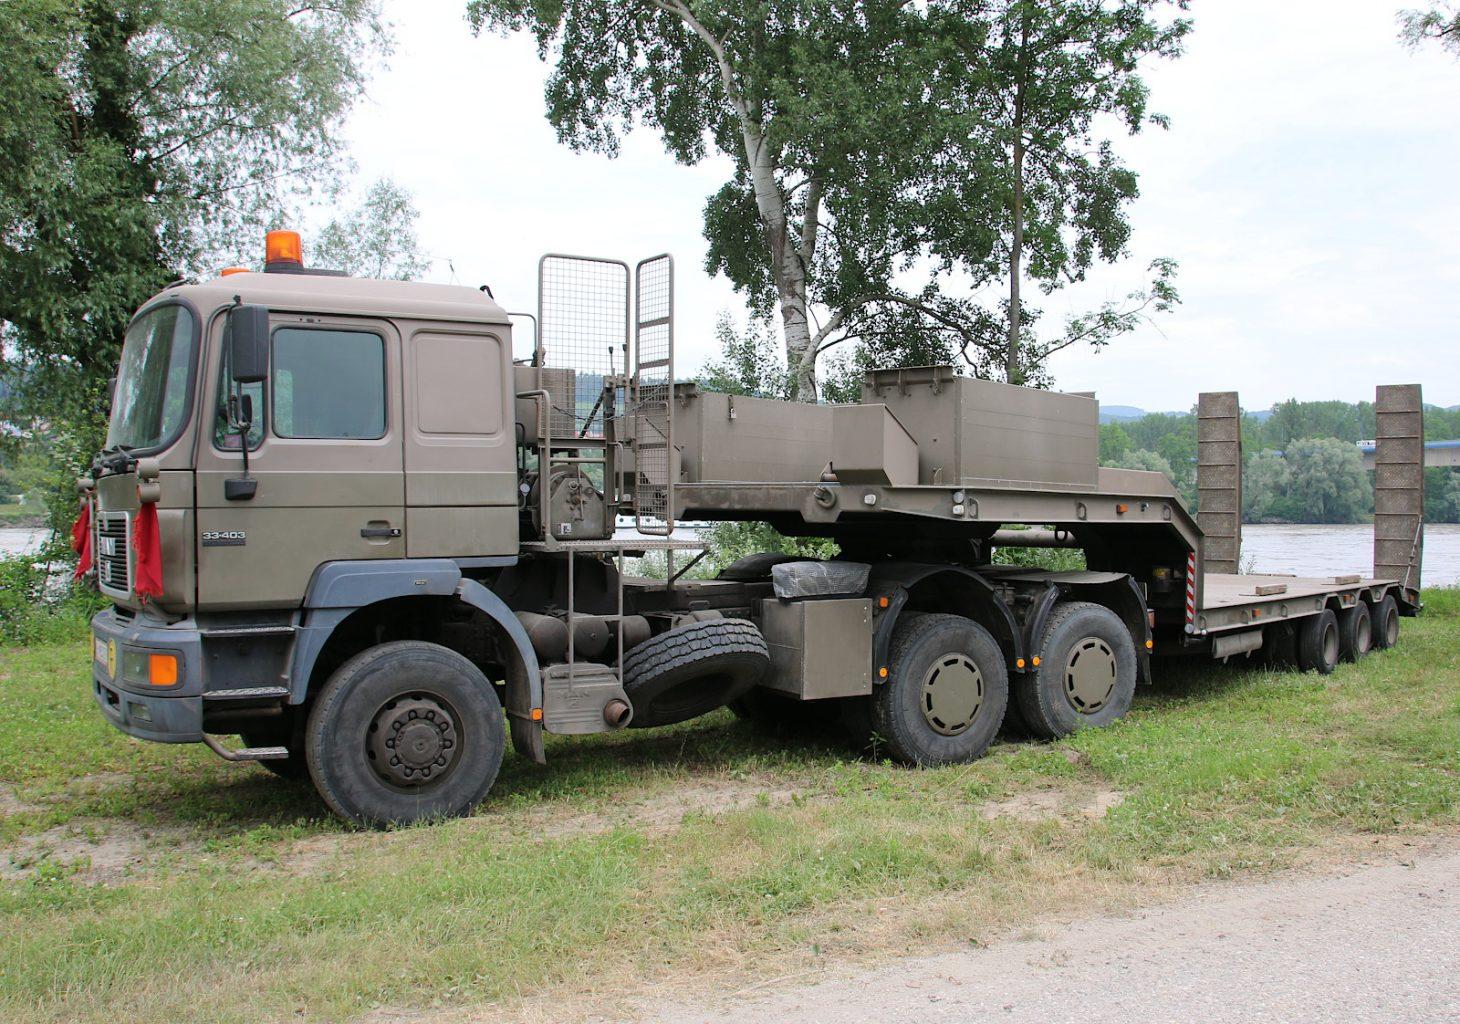 MAN 33.403 Sattelzugmaschine mit Satteltiefladeanhänger 30t TLÜ/S30L © Doppeladler.com